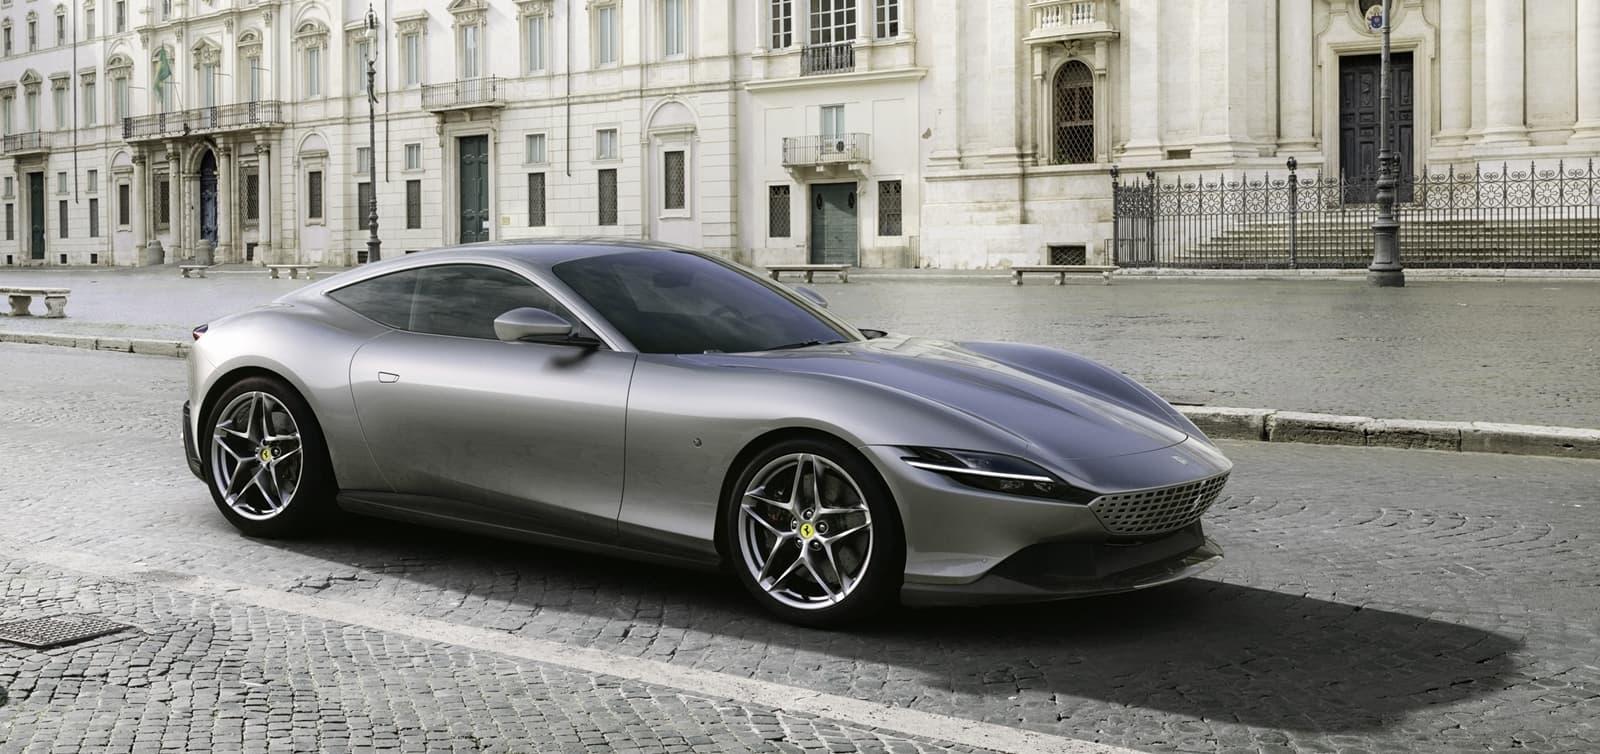 Ferrari Roma Precios Prueba Ficha Tecnica Fotos Y Noticias Diariomotor